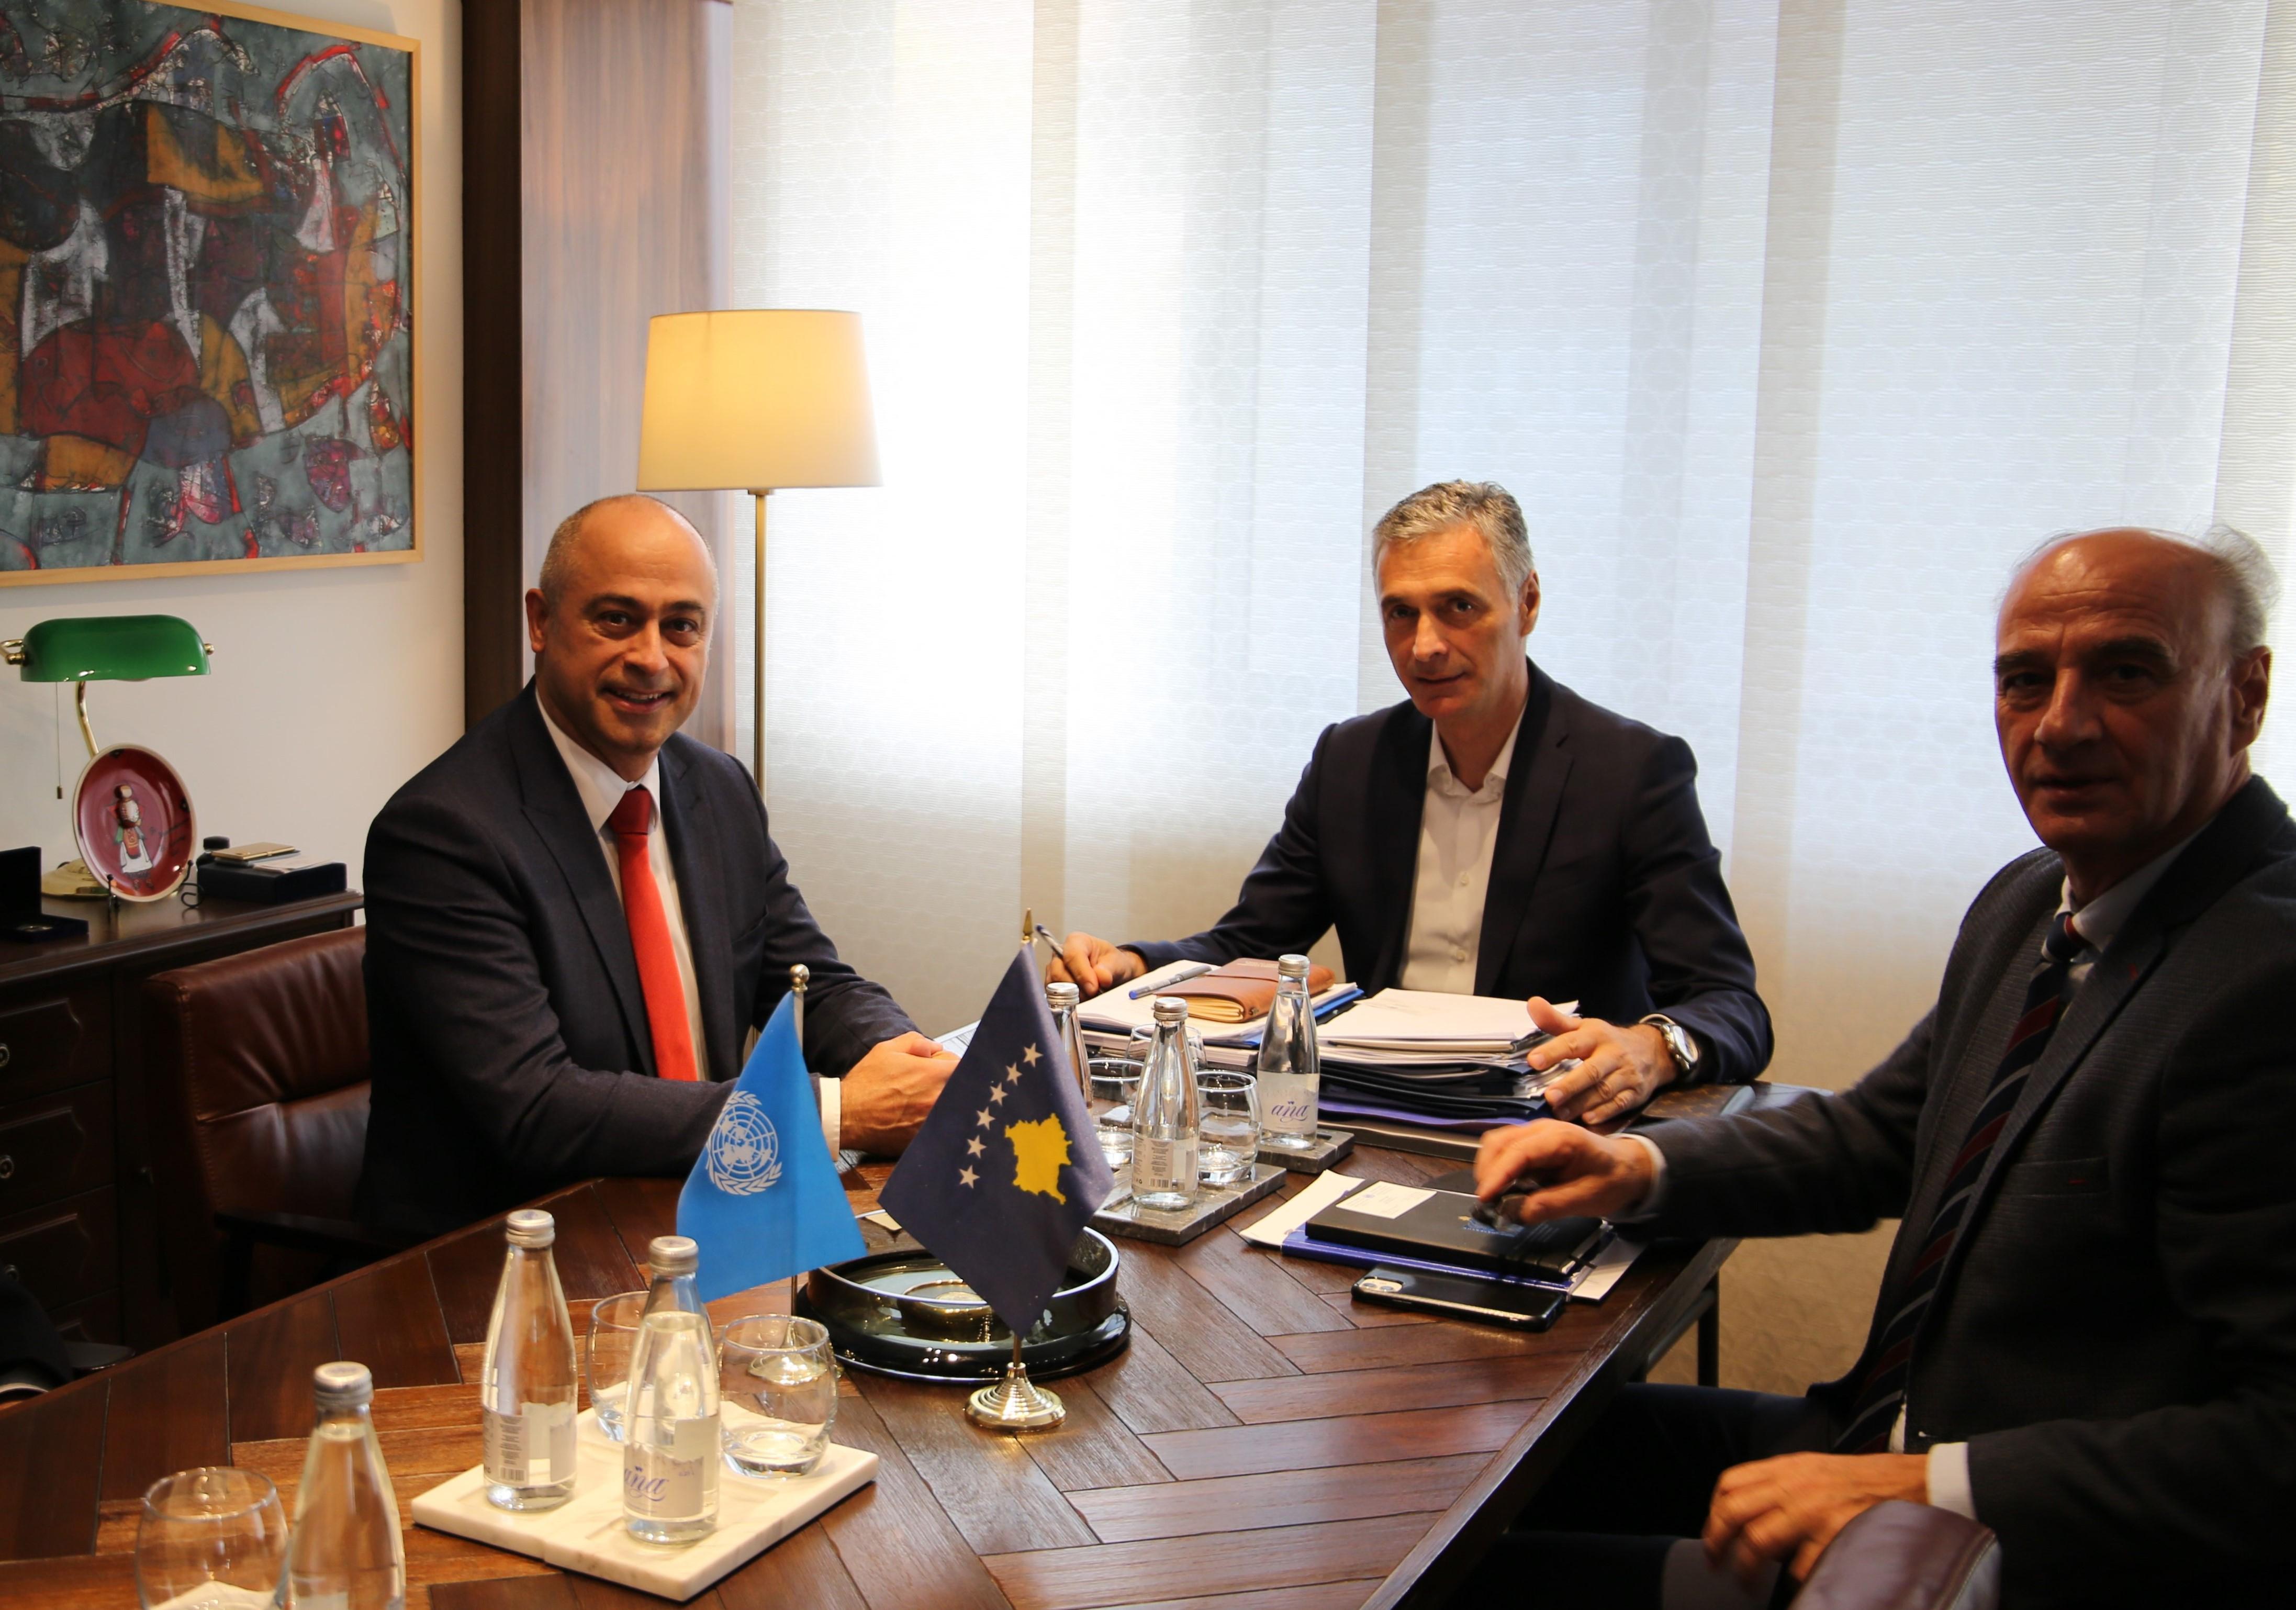 Kryeprokurori i Shtetit dhe Kryesuesi i KPK-së kanë pritur në takim Shefin e Zyrës për Sundim të Ligjit të misionit të Kombëve të Bashkuara në Kosovë UNMIK